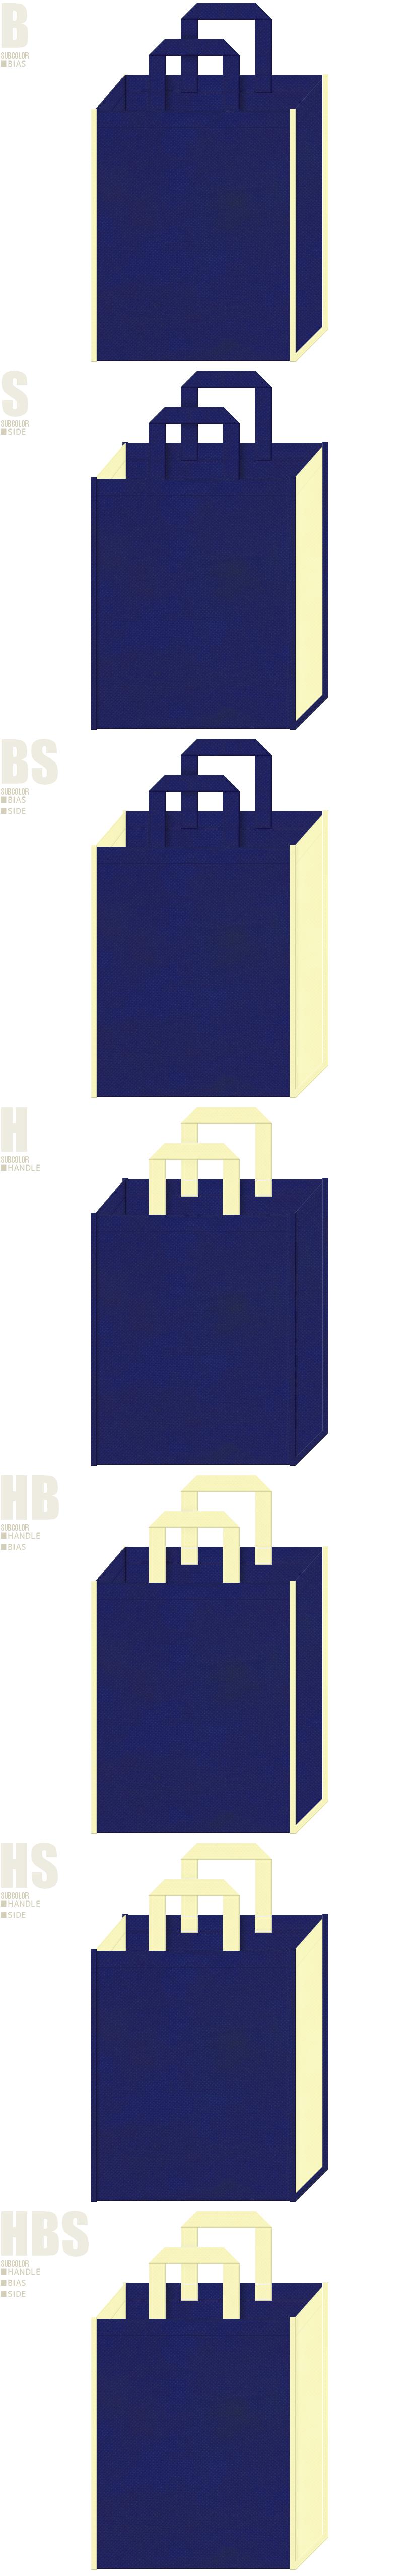 不織布バッグのデザイン:明るい紺色と薄黄色の配色7パターン